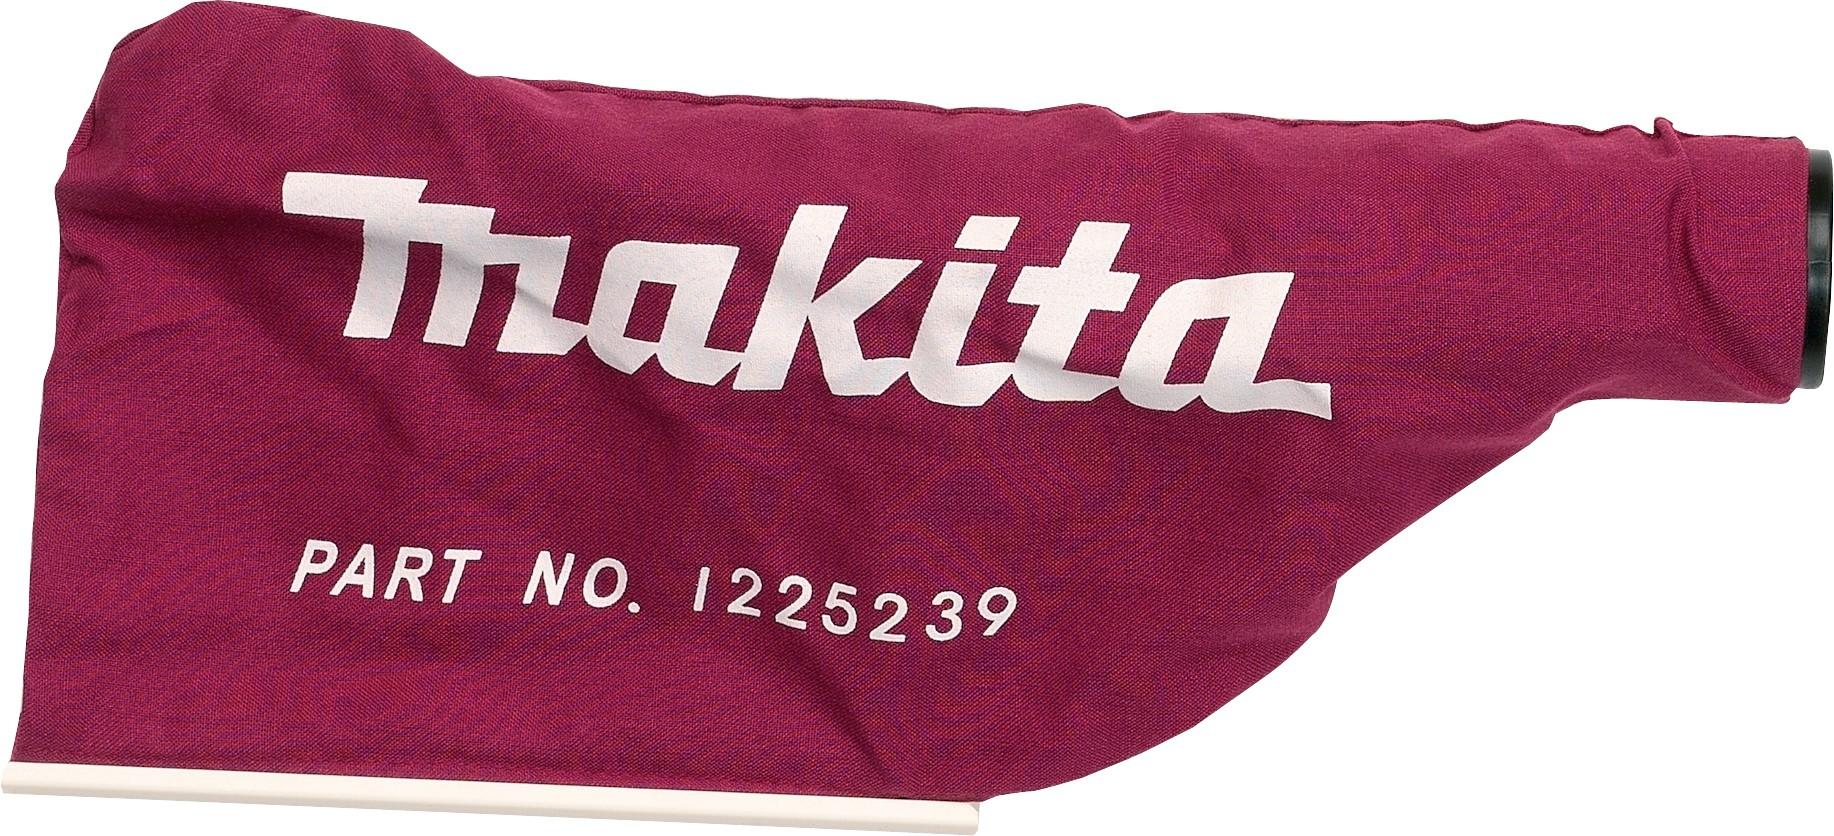 Støvpose Makita 122523-9